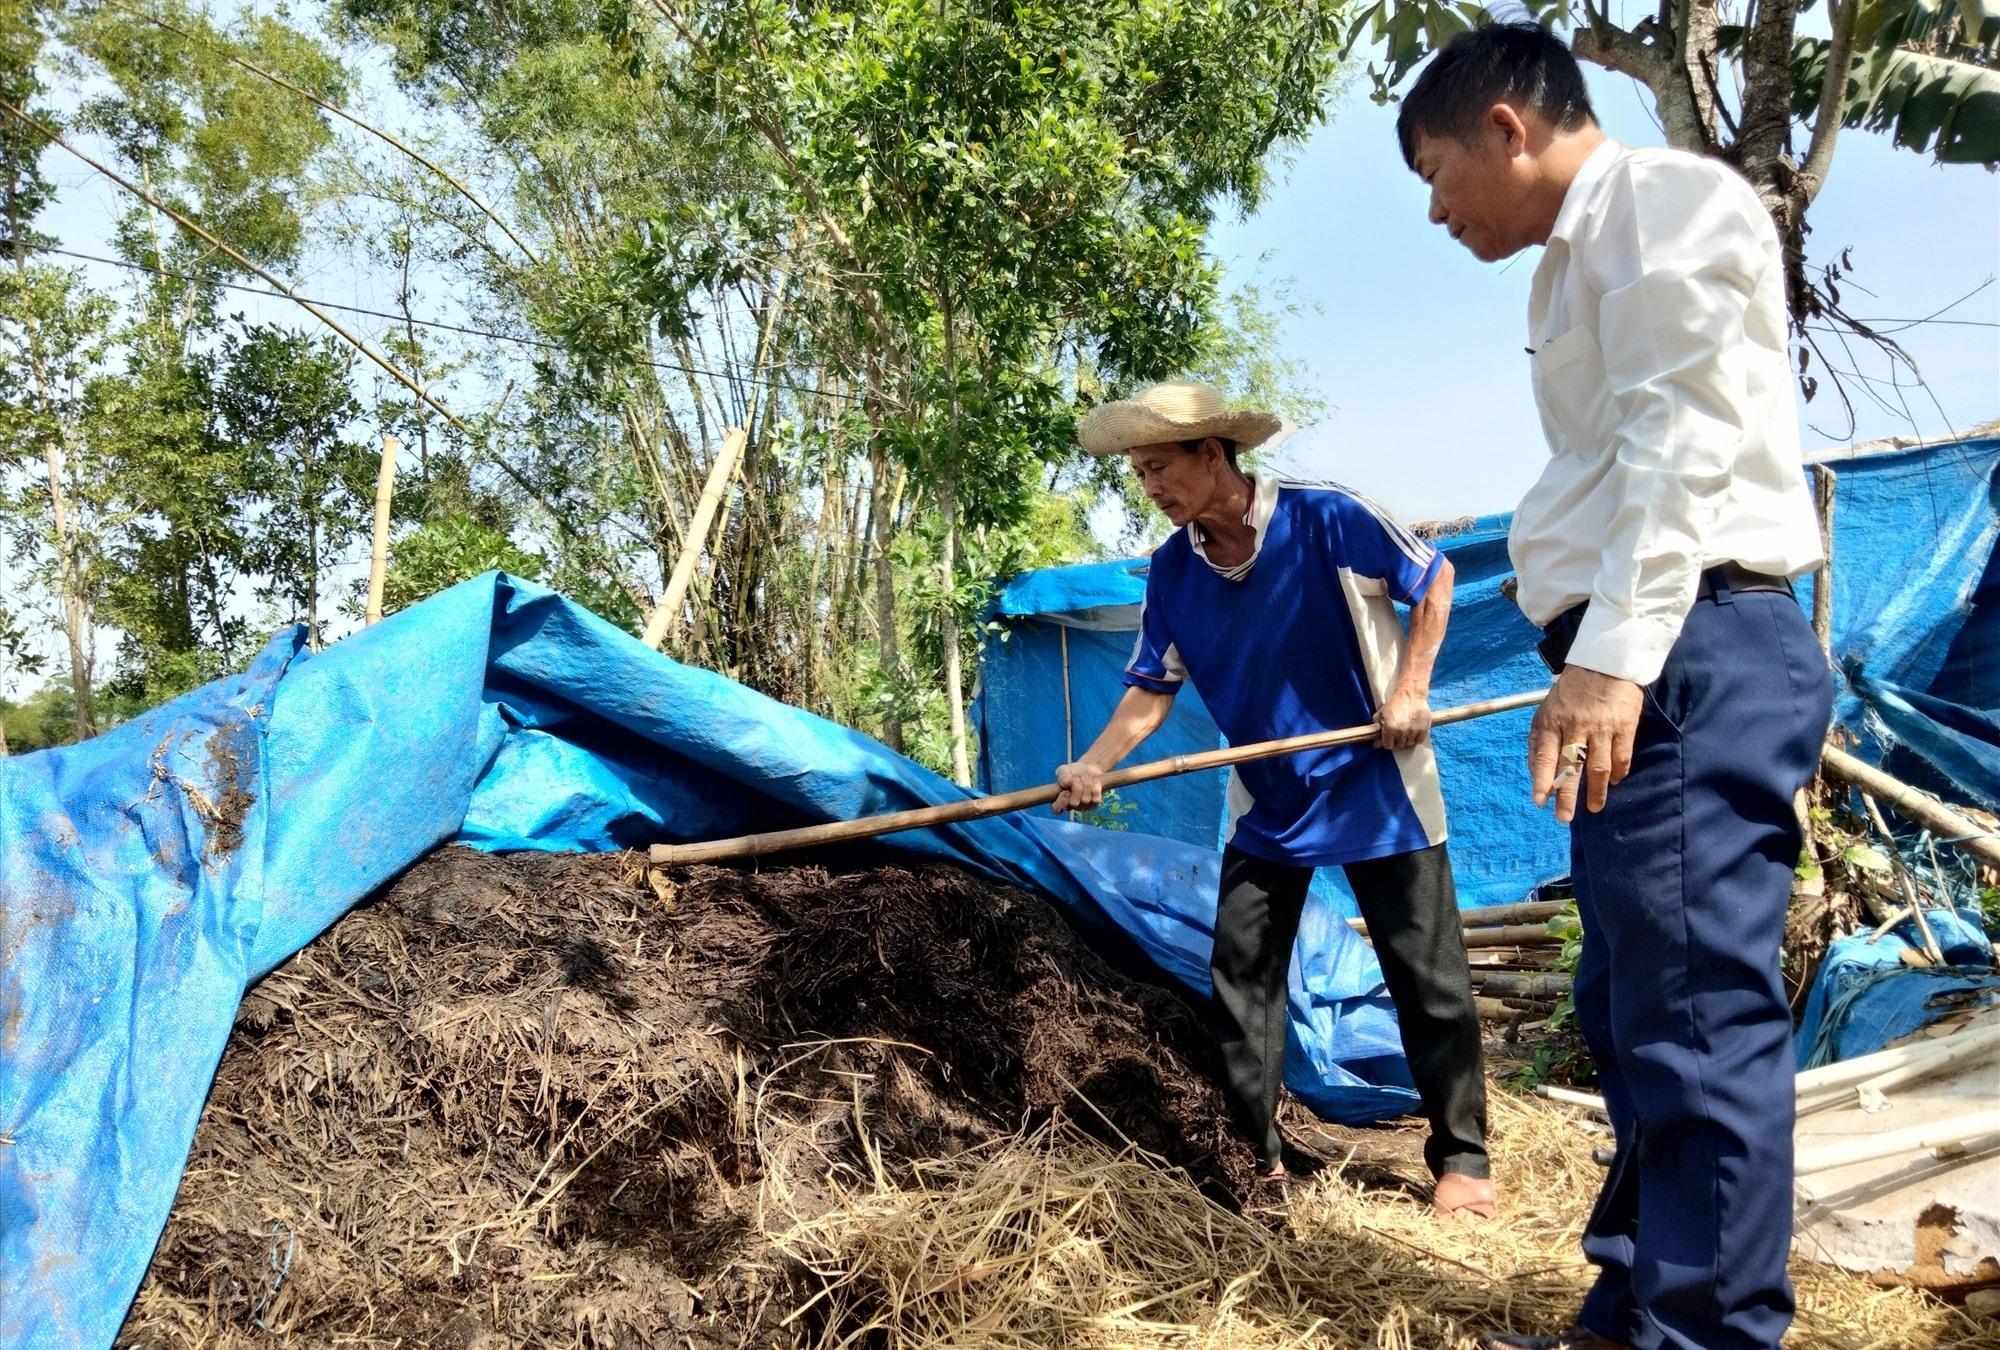 Từ phế thải nấm rơm, Hội Nông dân xã Bình Trị và Ban Nông nghiệp xã đã làm thử nghiệm phân vi sinh hữu cơ tại Lê Văn Lan (thôn Việt Sơn).